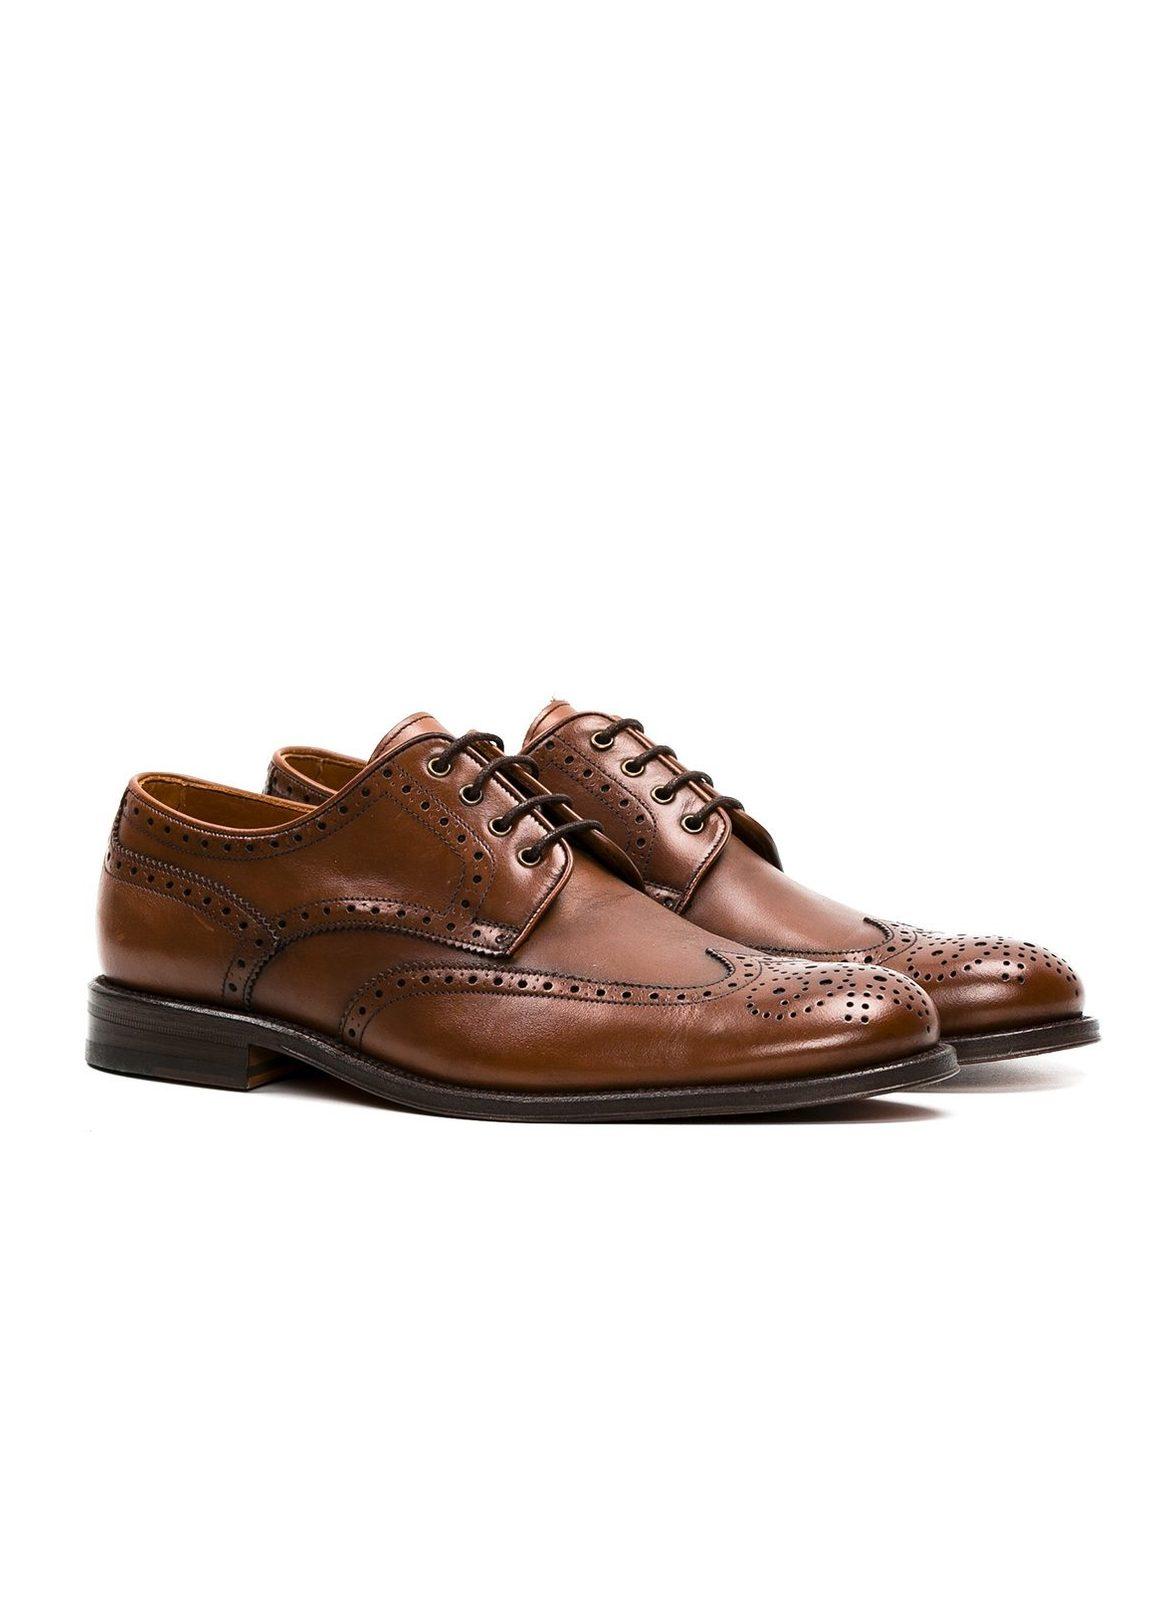 Zapato Formal Wear color marrón con detalles troquelados, 100% Piel. - Ítem3